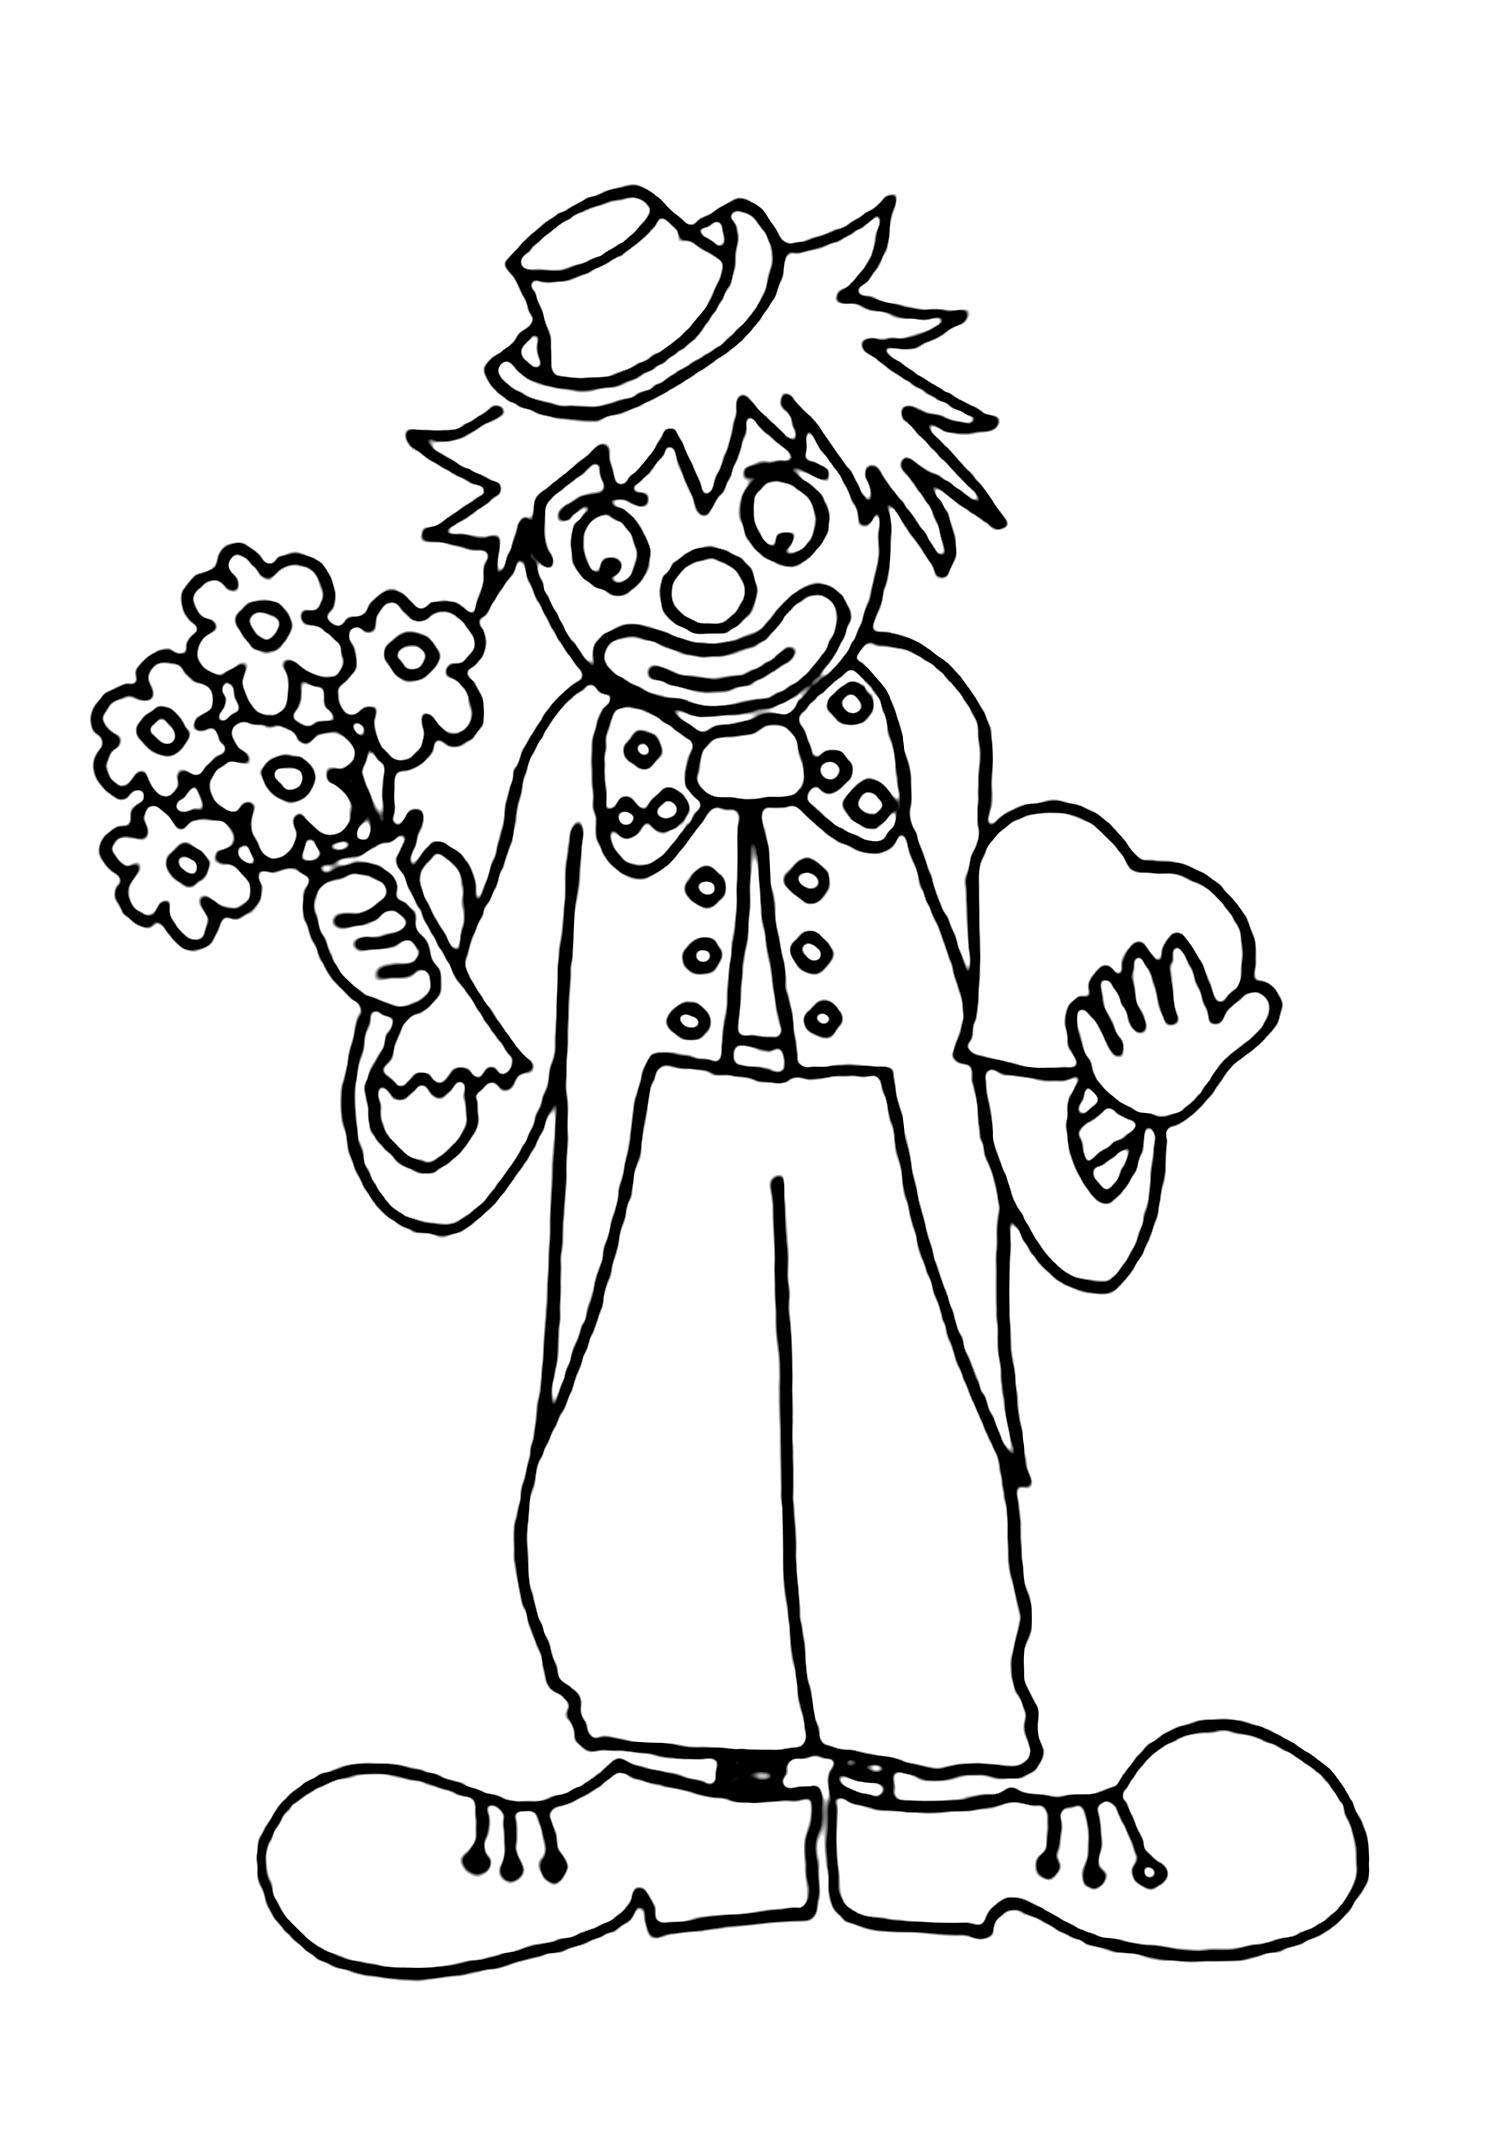 рисунок клоуна грустного карандашом фото статья